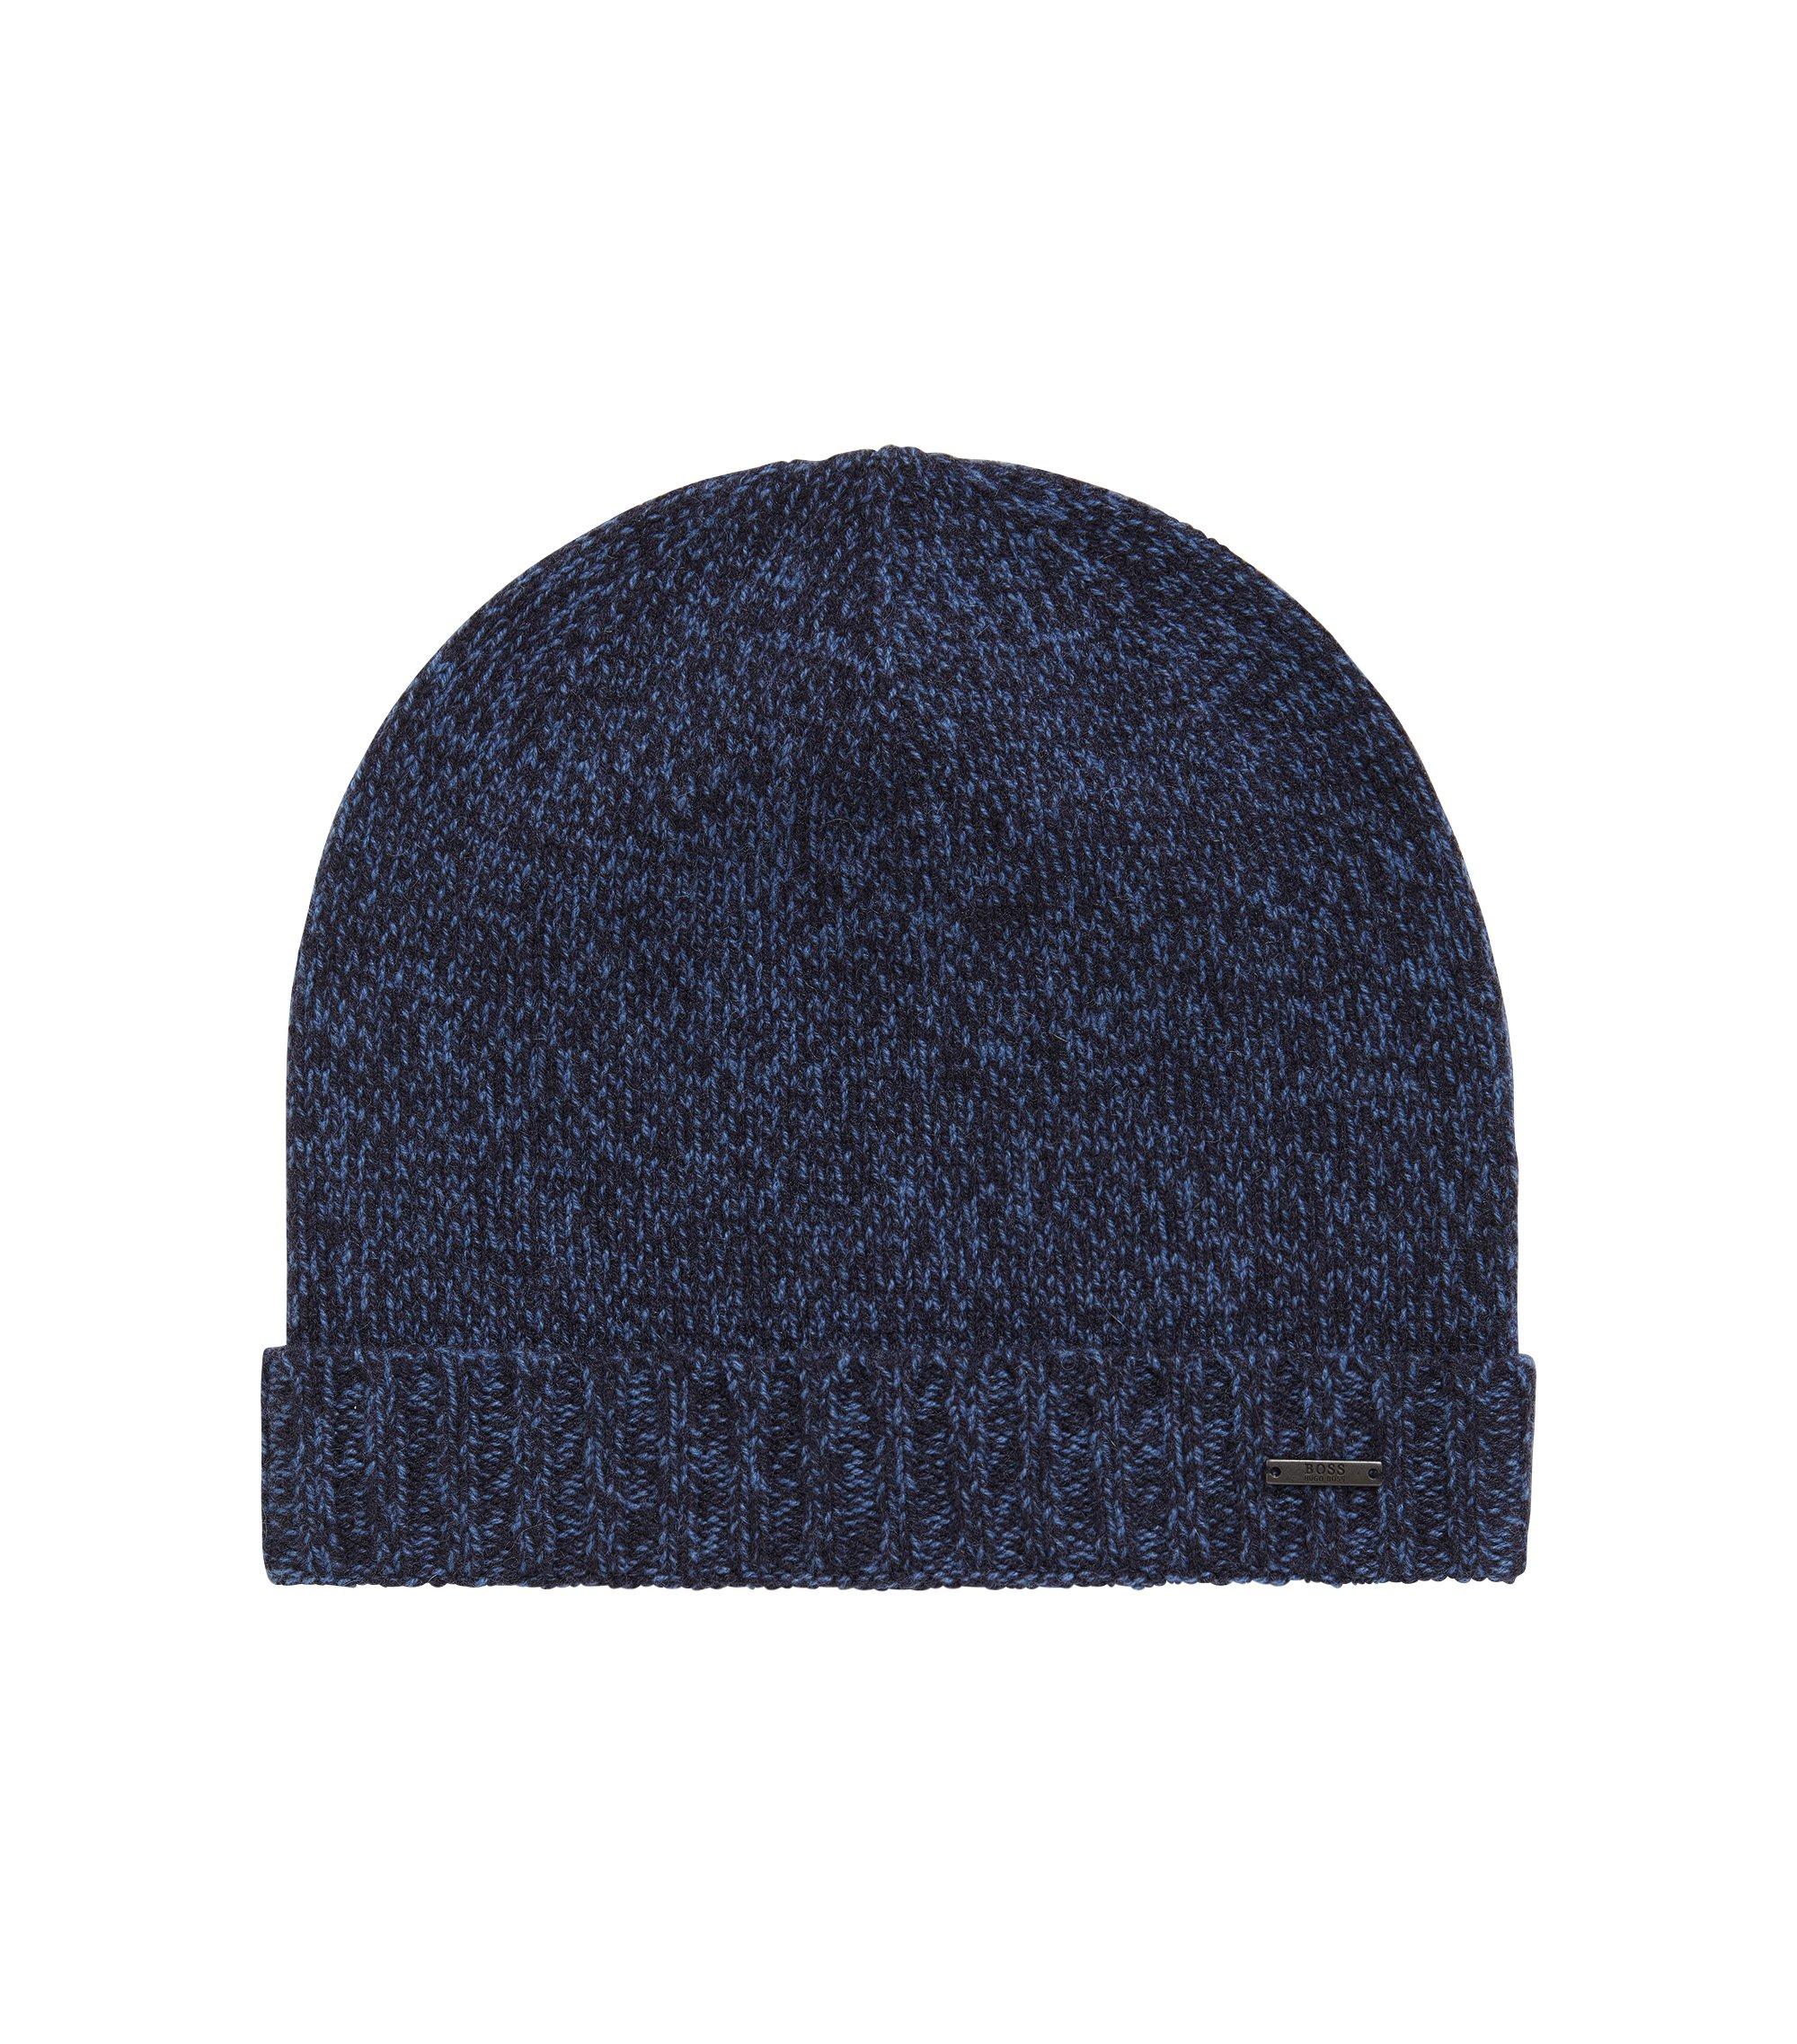 Bonnet en maille moulinée de cachemire, Bleu foncé